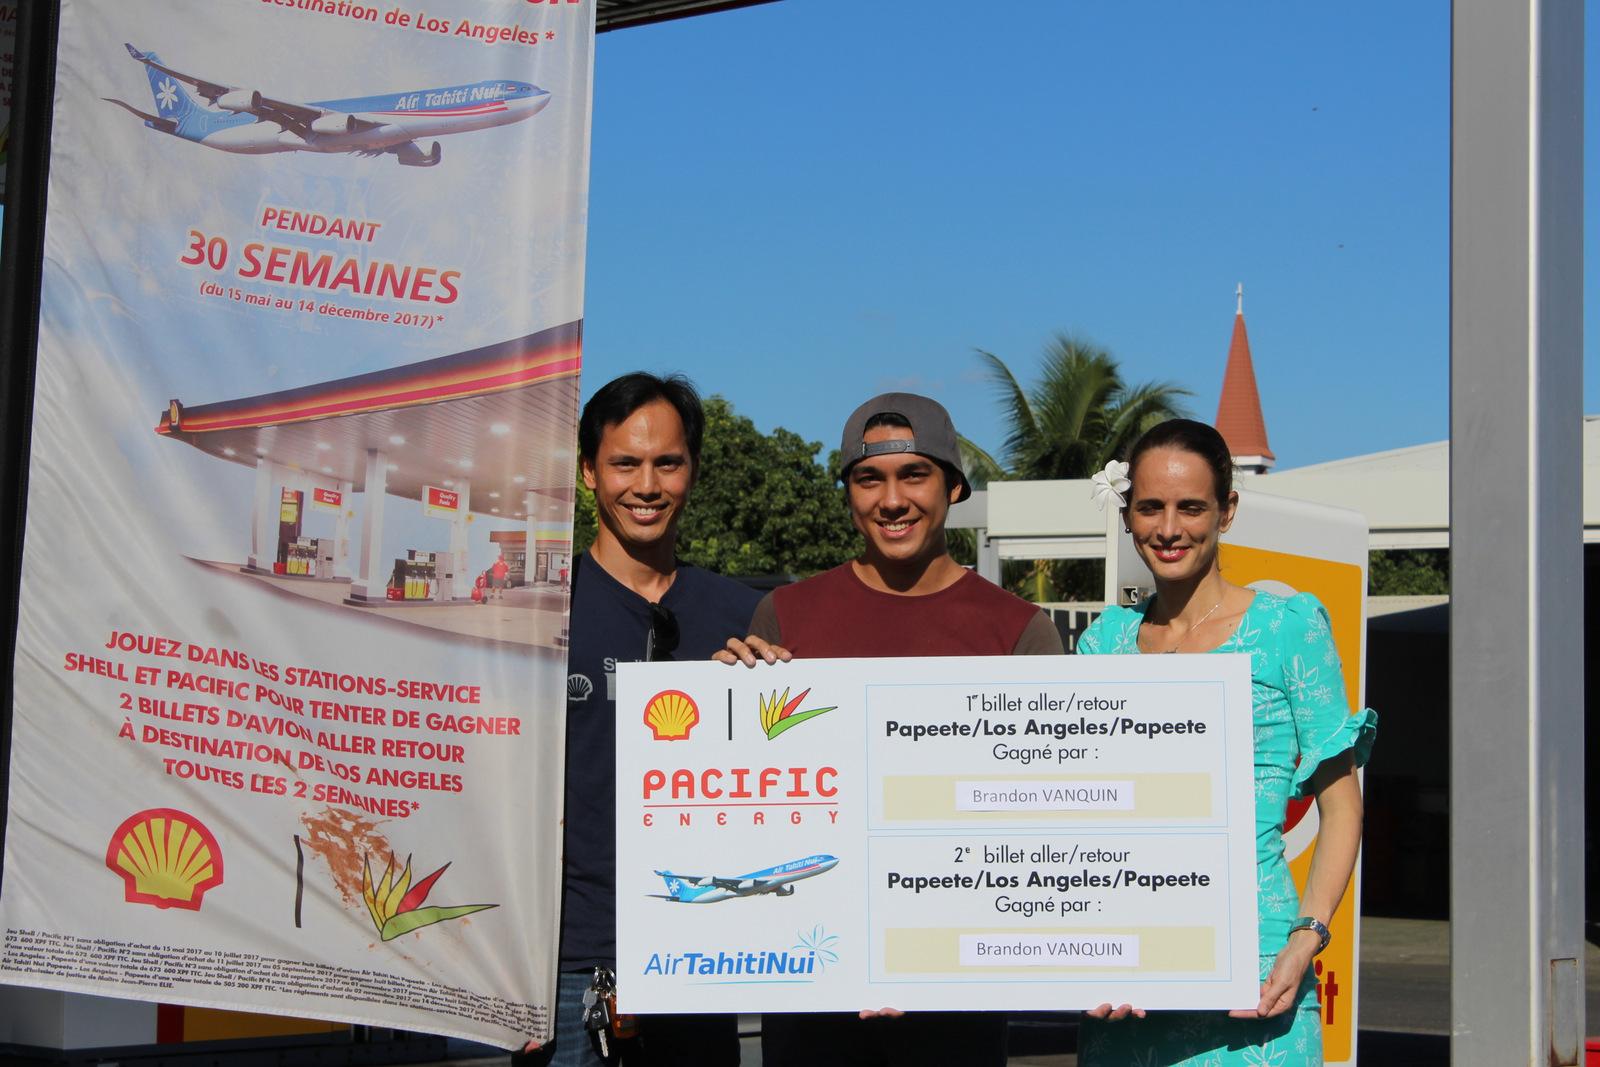 Brandon Vanquin, nouveau gagnant du jeu Shell-Pacifique